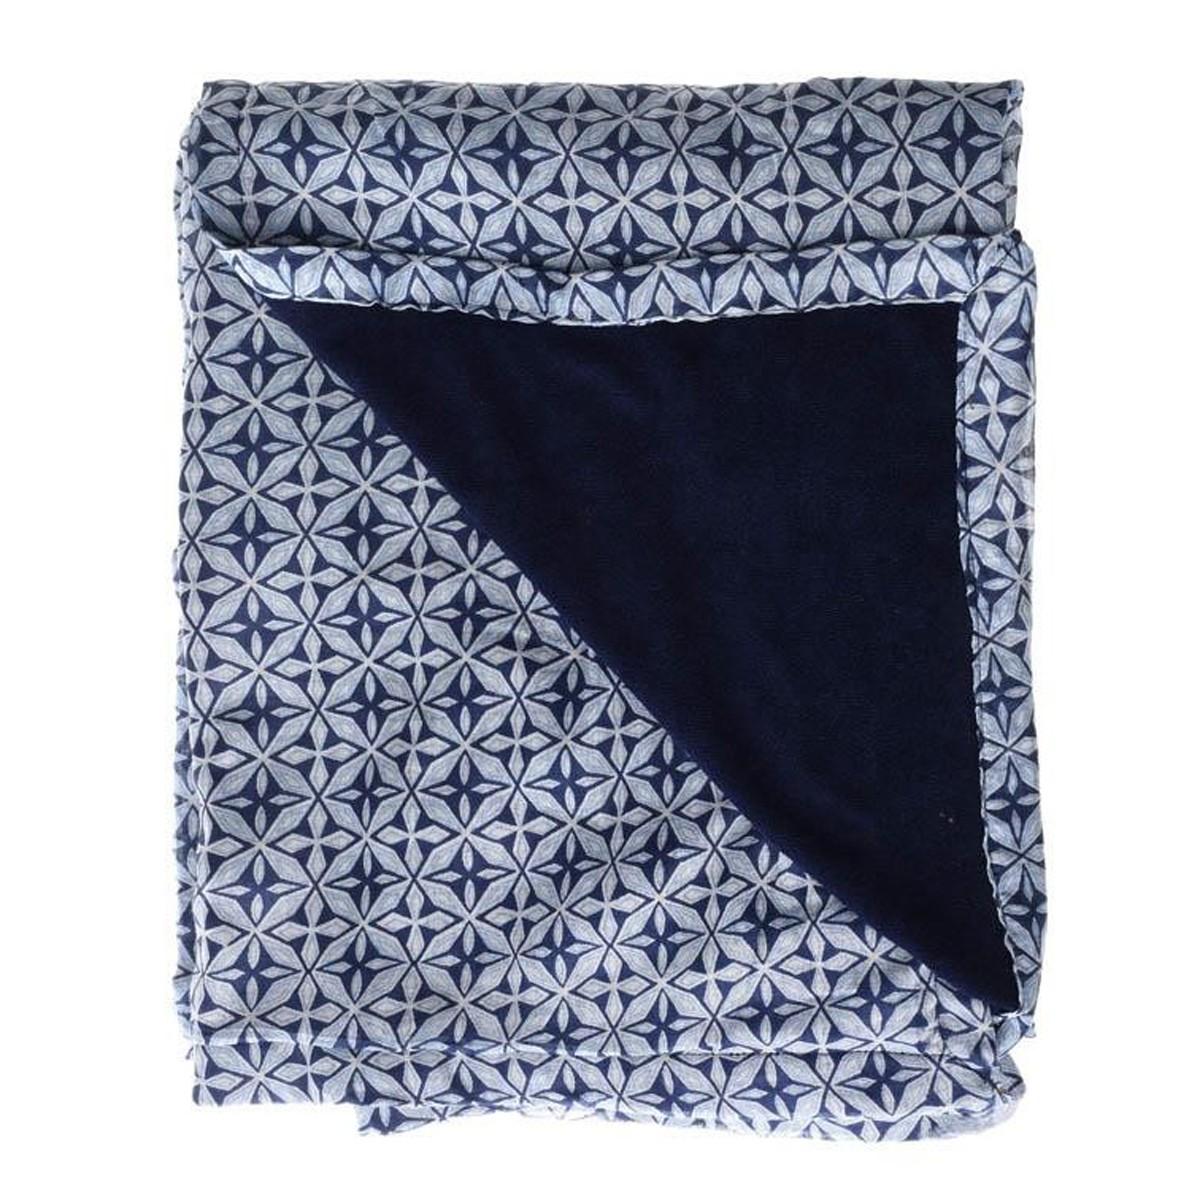 Πετσέτα Θαλάσσης - Παρεό InArt Ble 5-46-732-0005